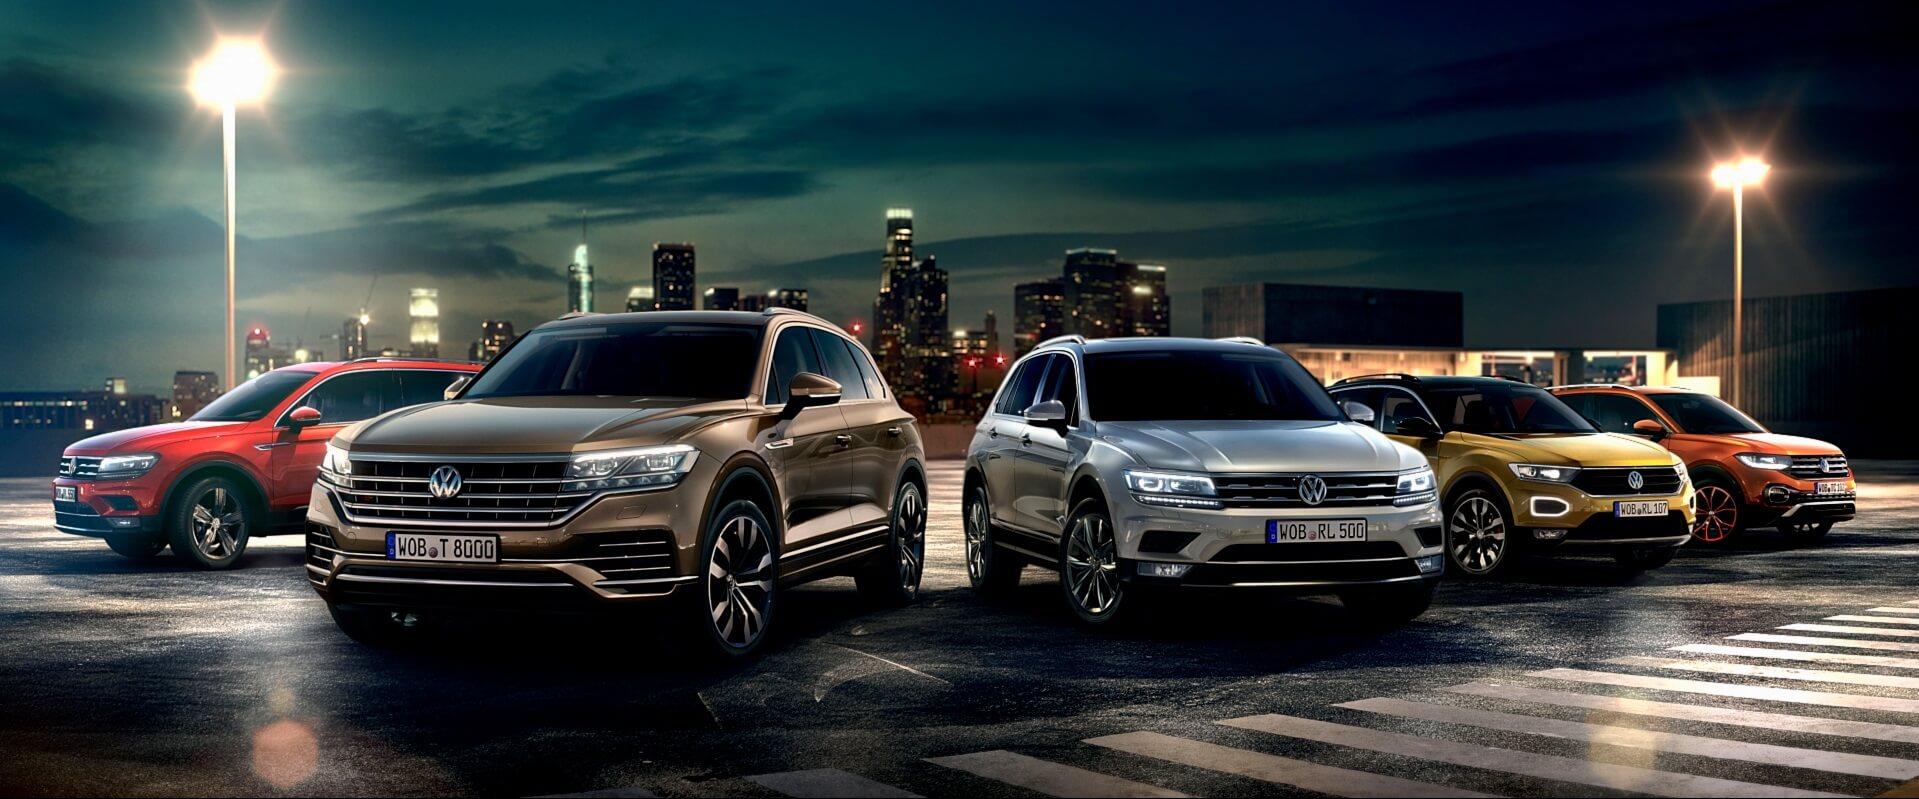 Γκάμα αυτοκινήτων Volkswagen SUV